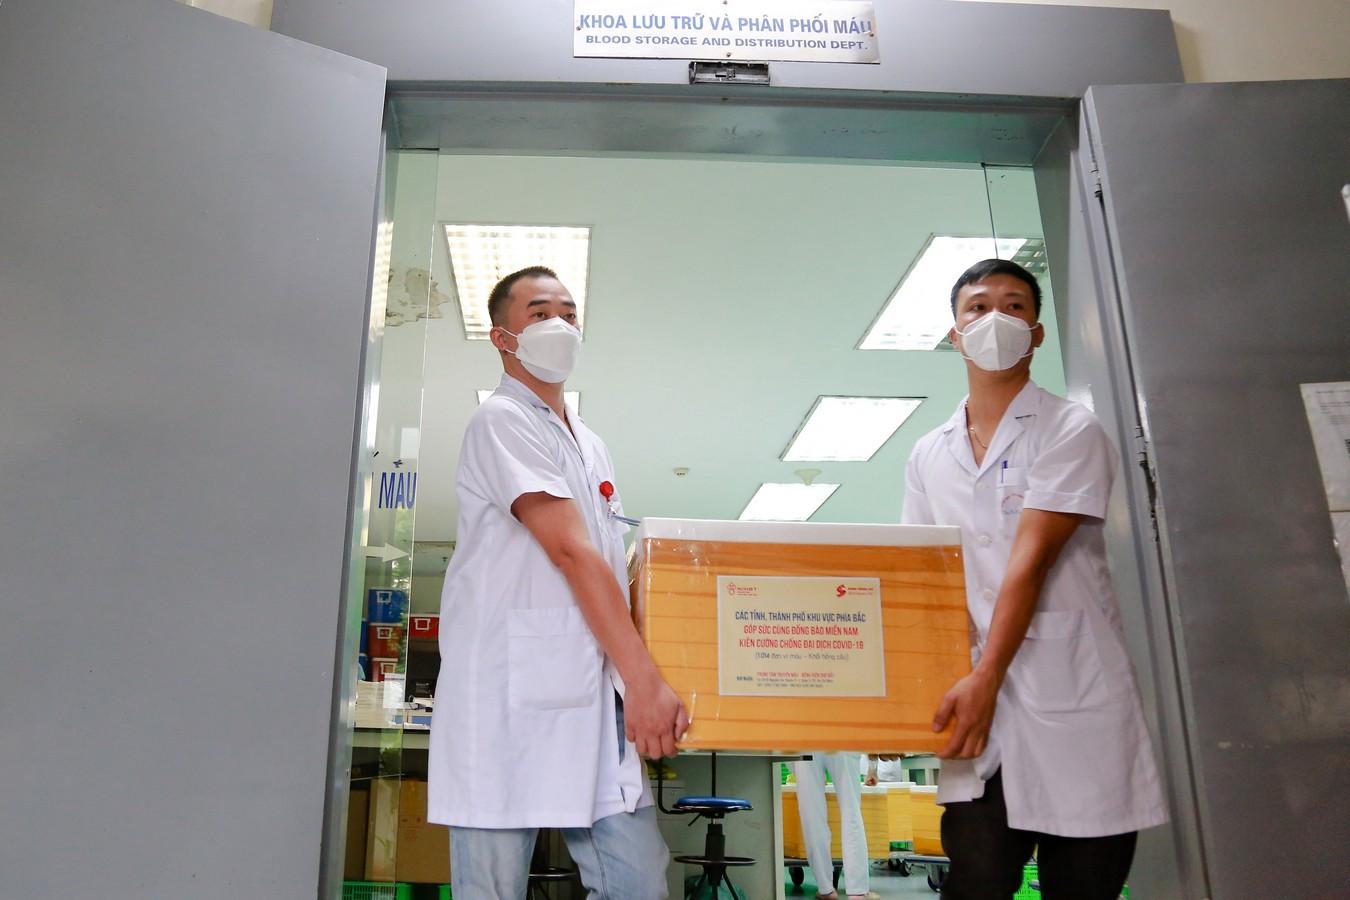 Lần đầu tiên vận chuyển máu hiếm từ Bắc vào Nam giữa dịch COVID-19 - Ảnh 2.